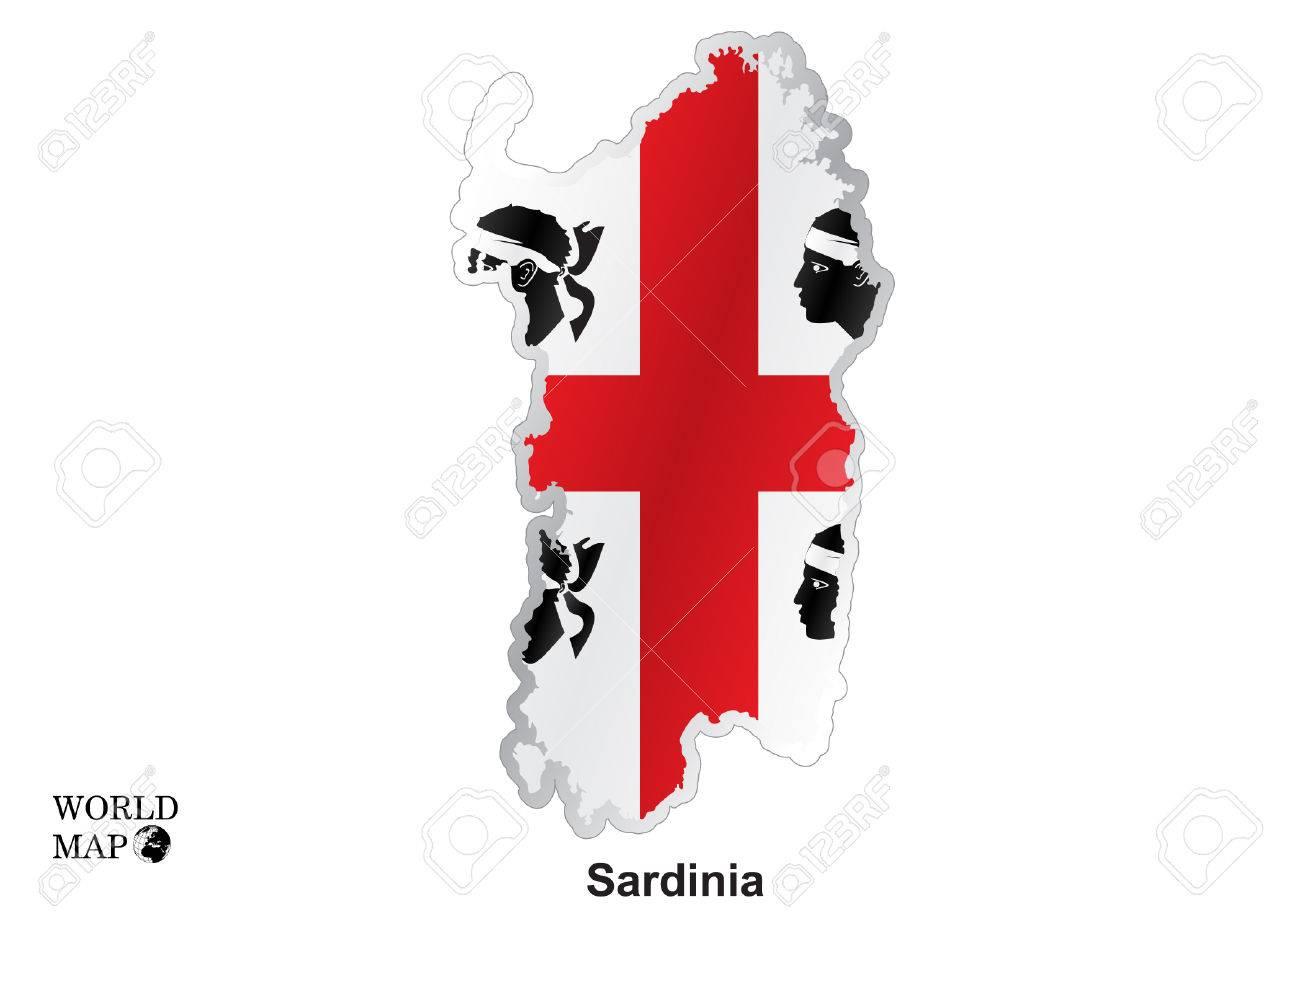 Map Sardinia. - 47190710